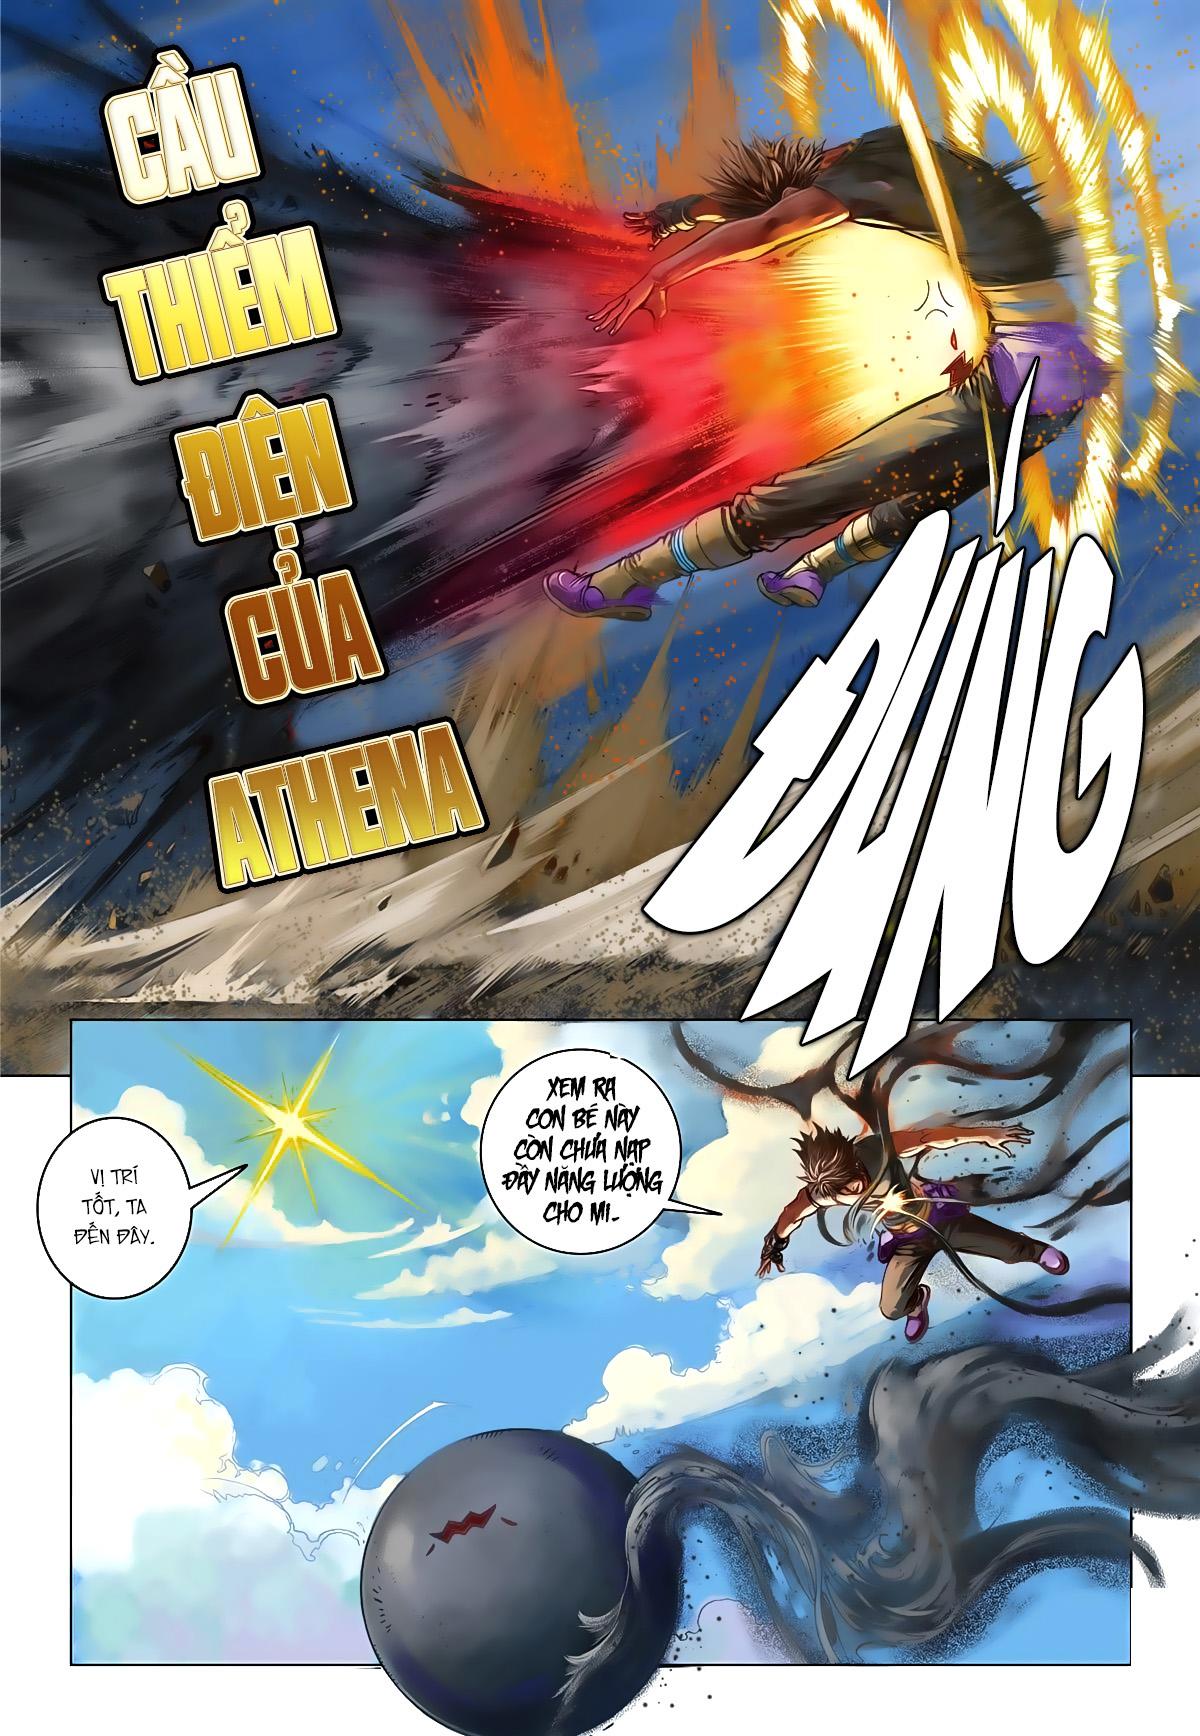 Tái Tạo Không Gian Chap 16 - Next Chap 17